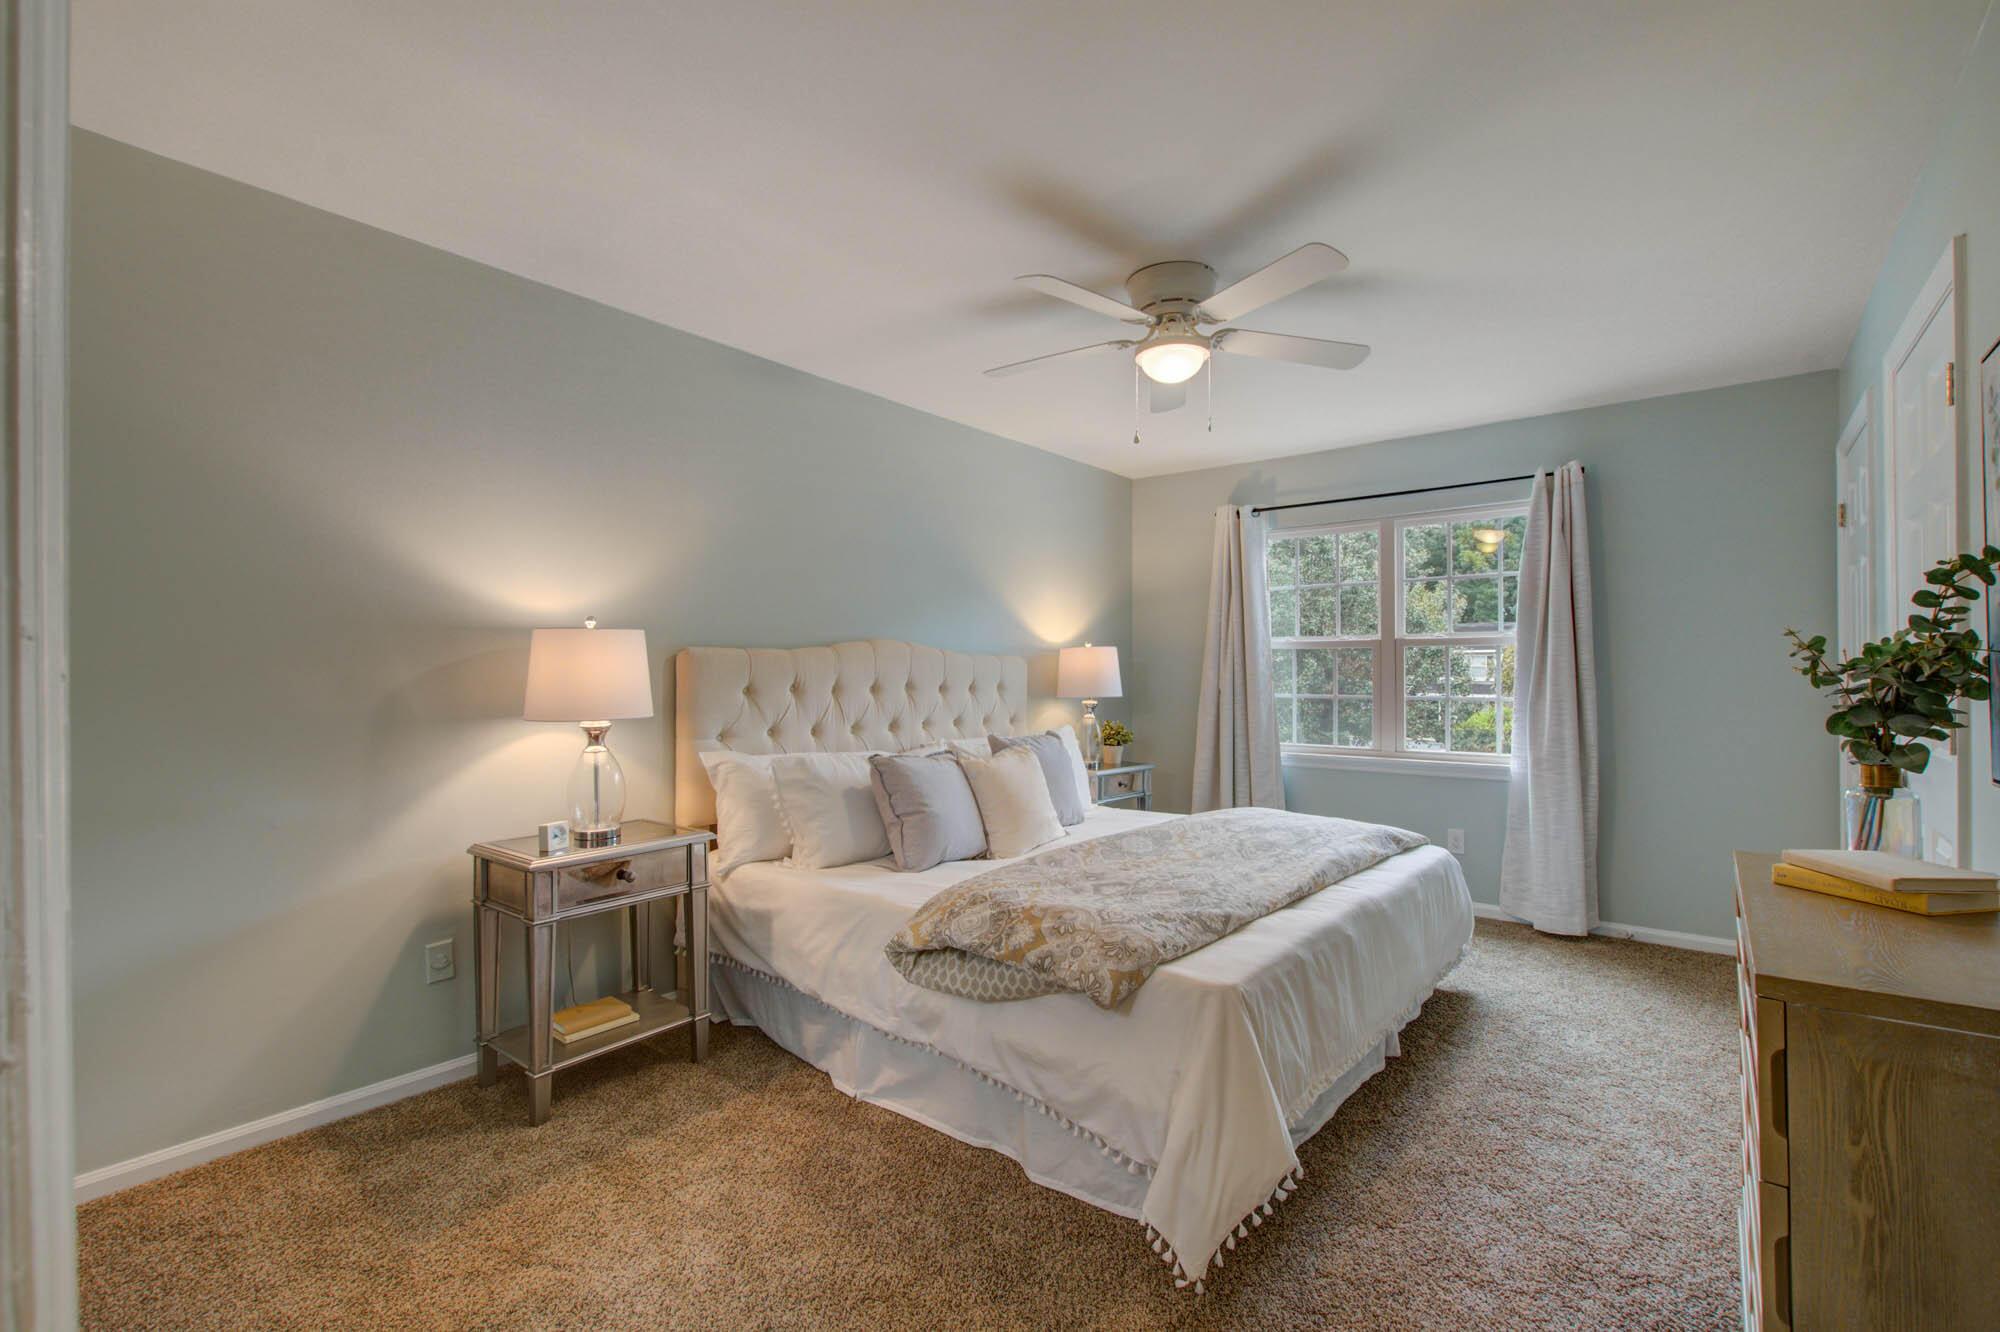 Wando East Homes For Sale - 1534 Nantahala, Mount Pleasant, SC - 1